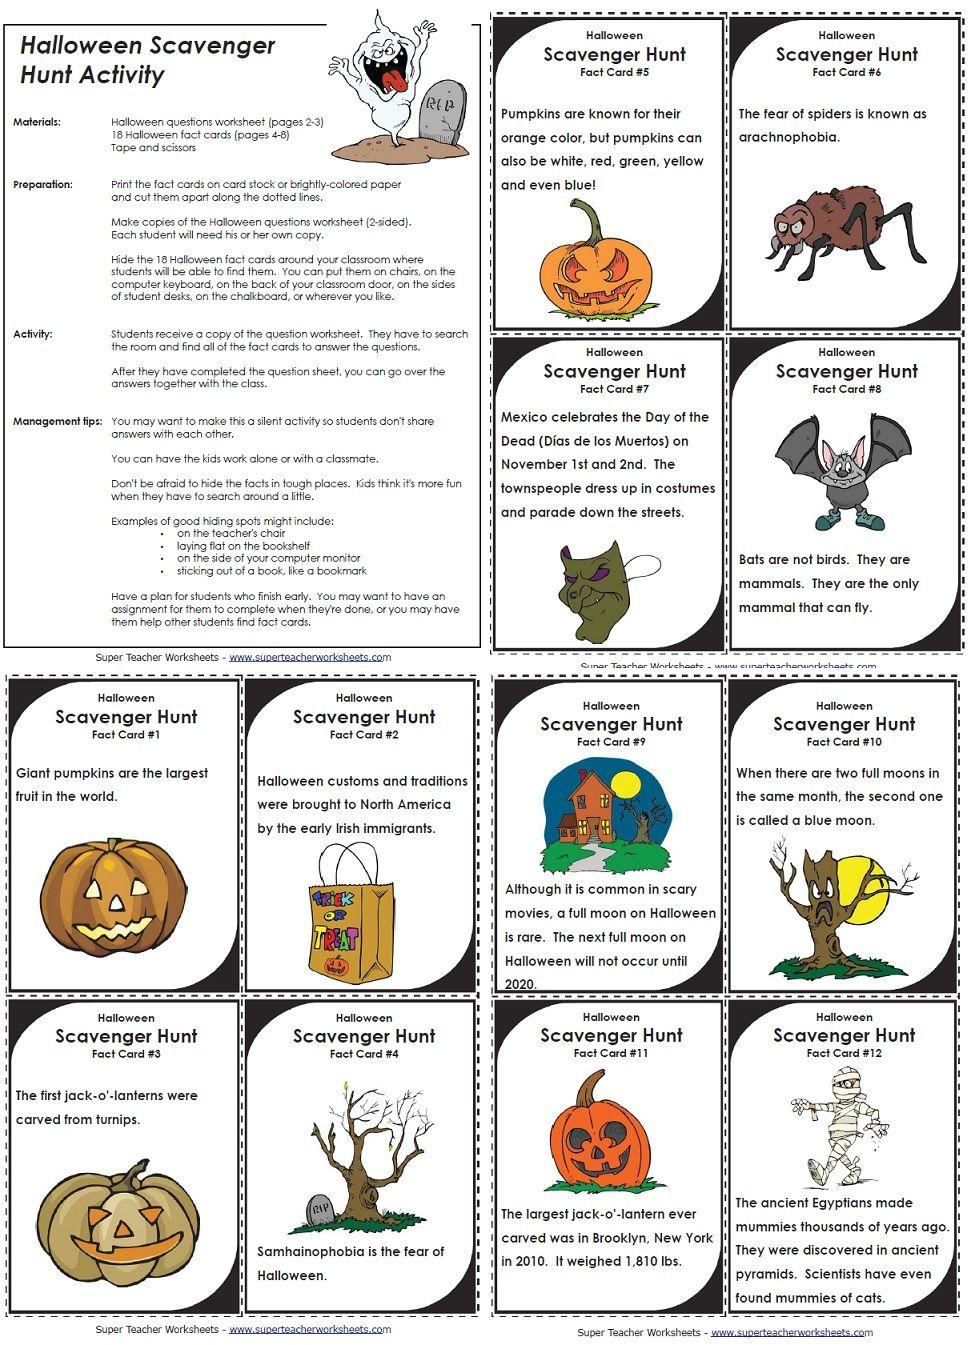 Halloween Scavenger Hunt Halloween Scavenger Hunt Halloween Facts Scavenger Hunt [ 1345 x 971 Pixel ]